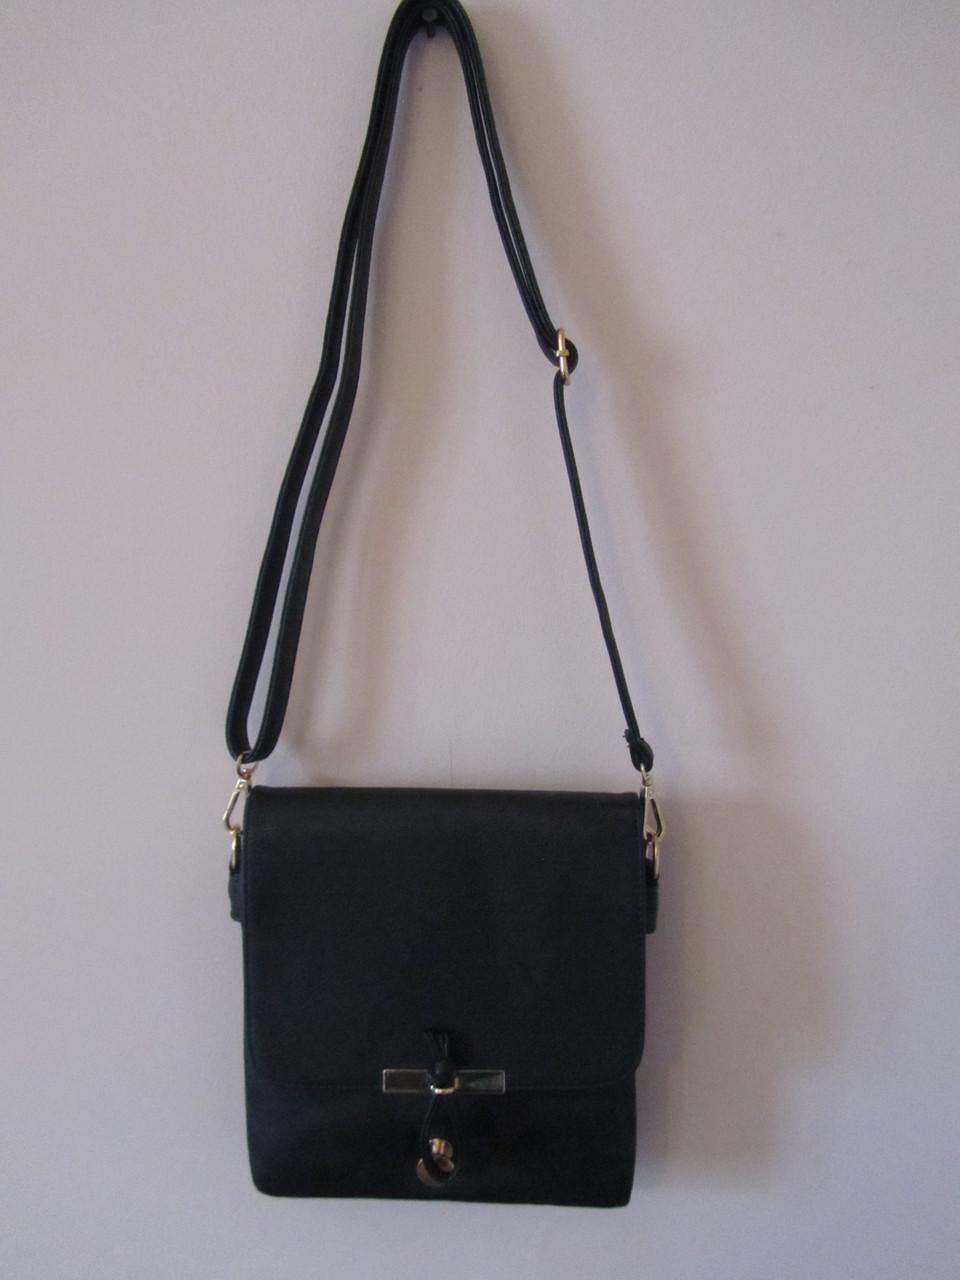 71a36b06b884 Маленькая женская сумка через плечо - Интернет-магазин